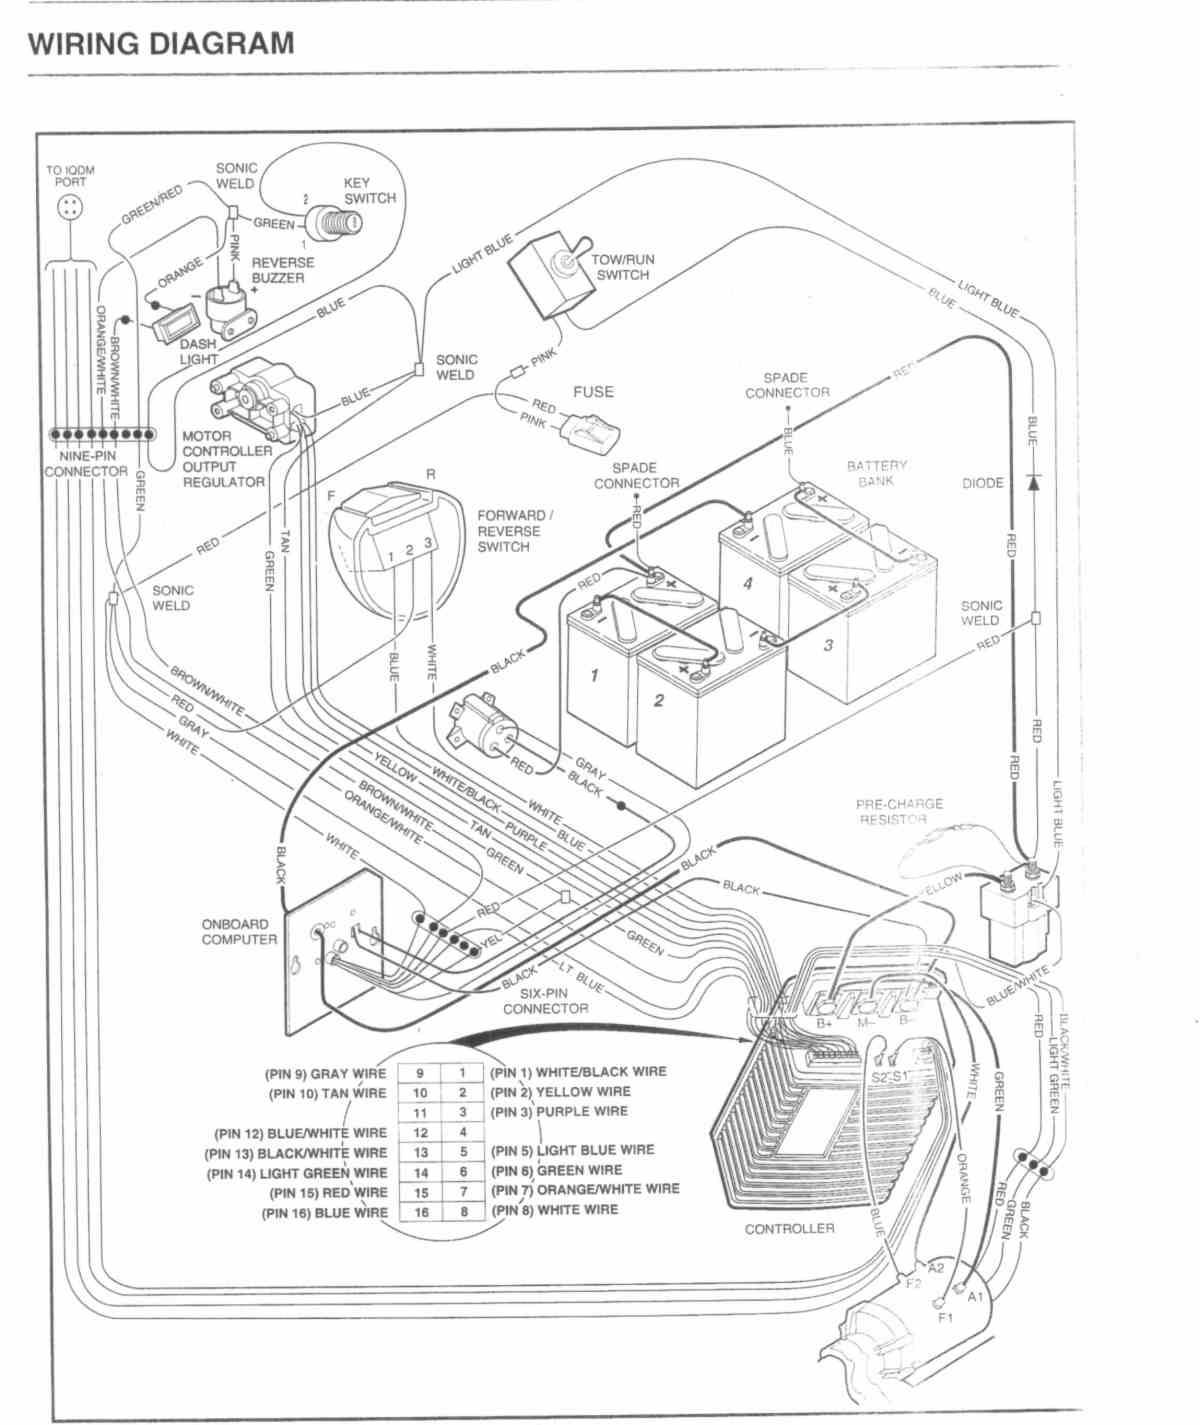 36 Volt Club Car Wiring Diagram Precedent | Manual E-Books - Club Car Precedent Wiring Diagram